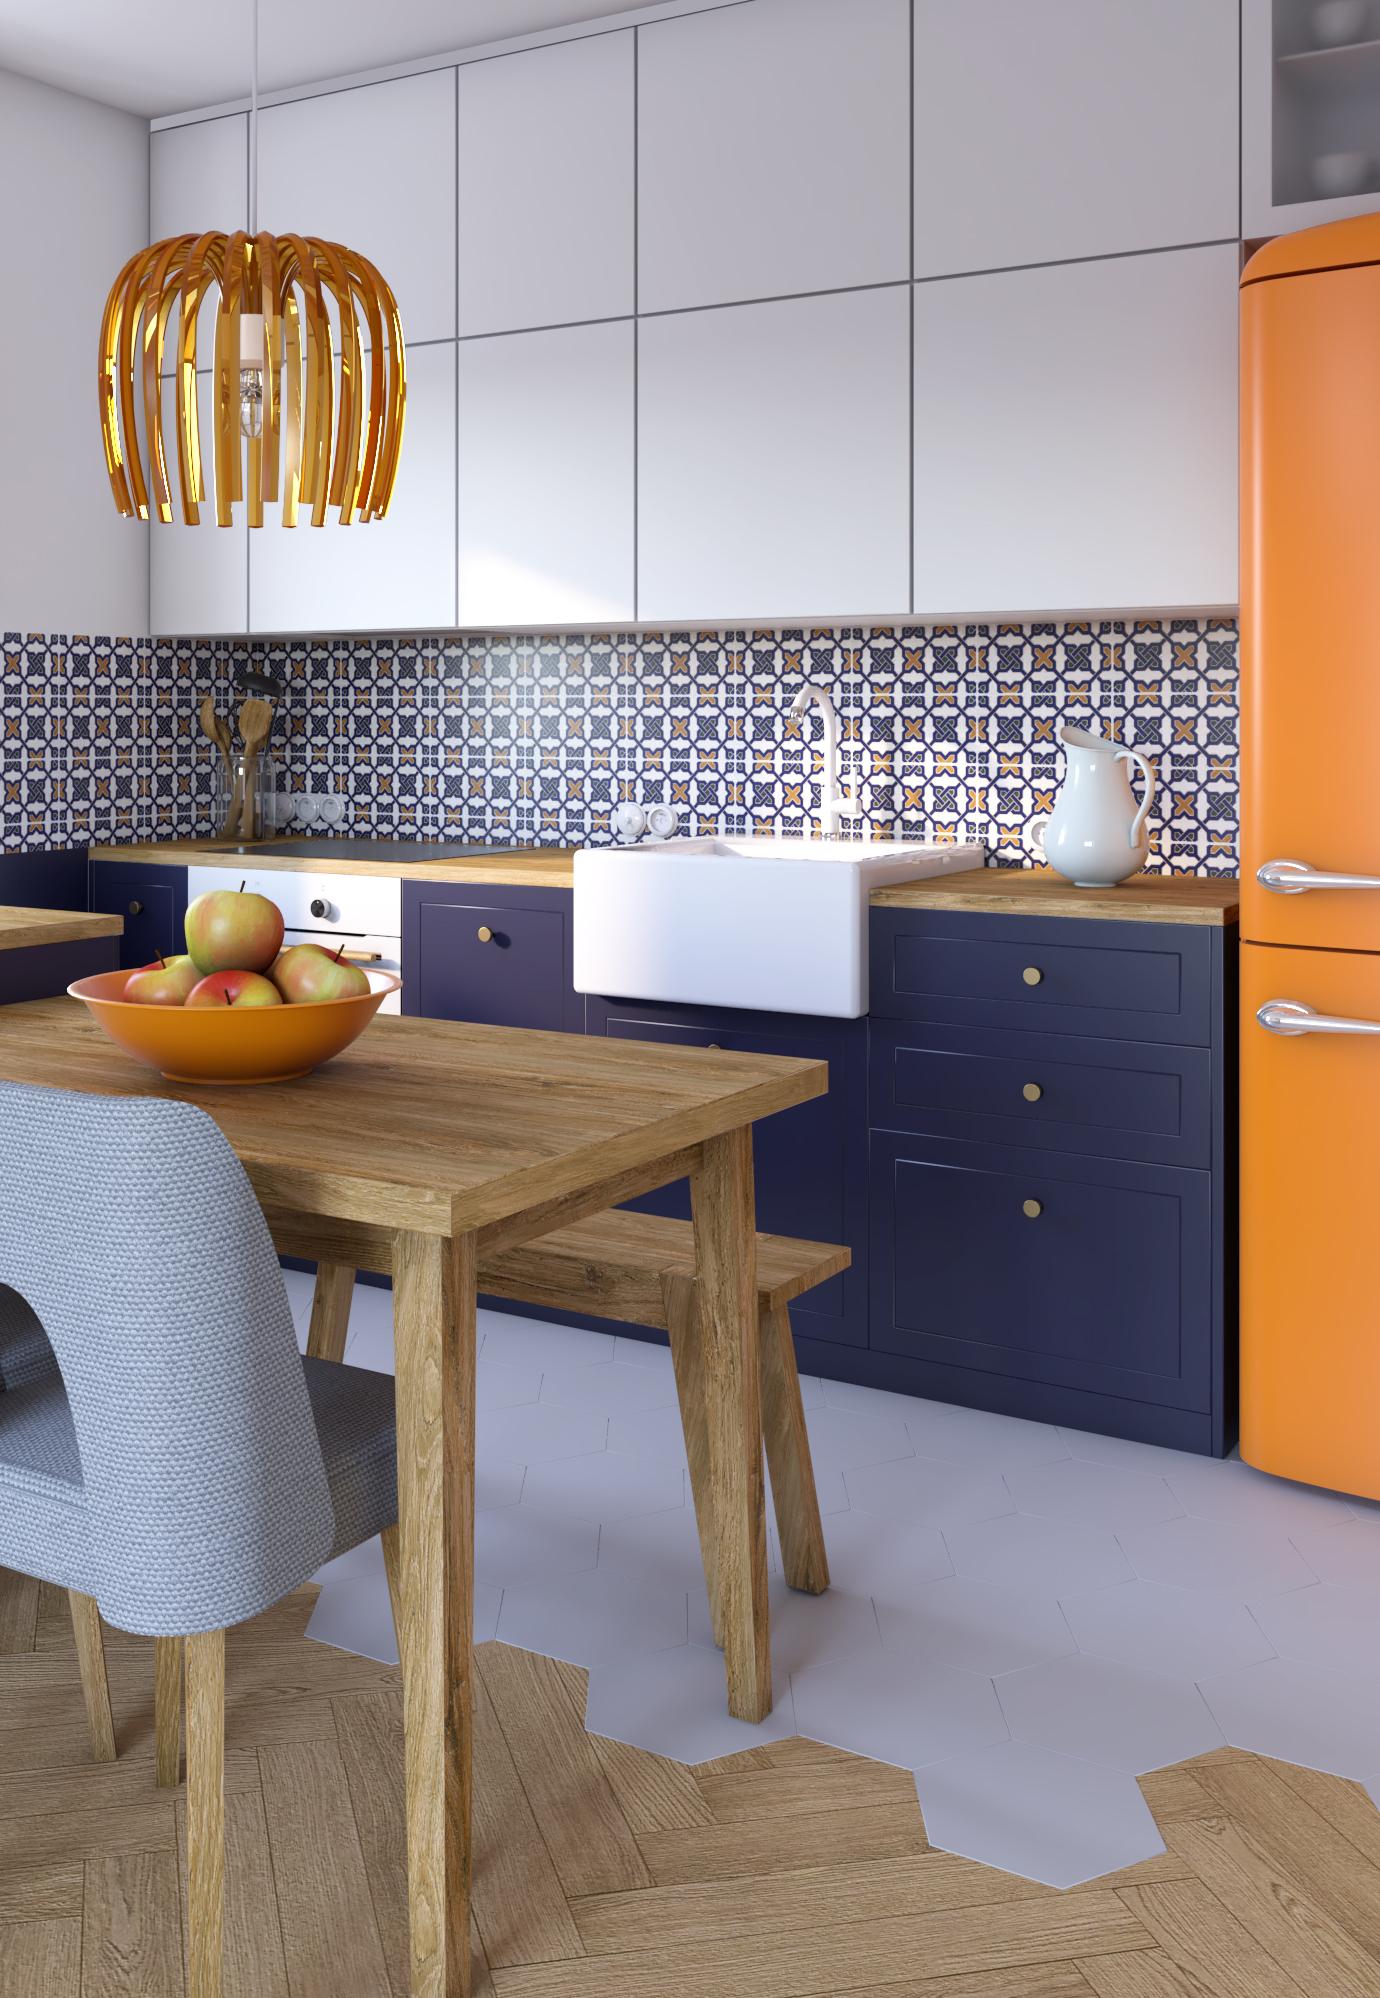 Azul marinho e laranja chamando a atenção nesta cozinha colorida contemporânea